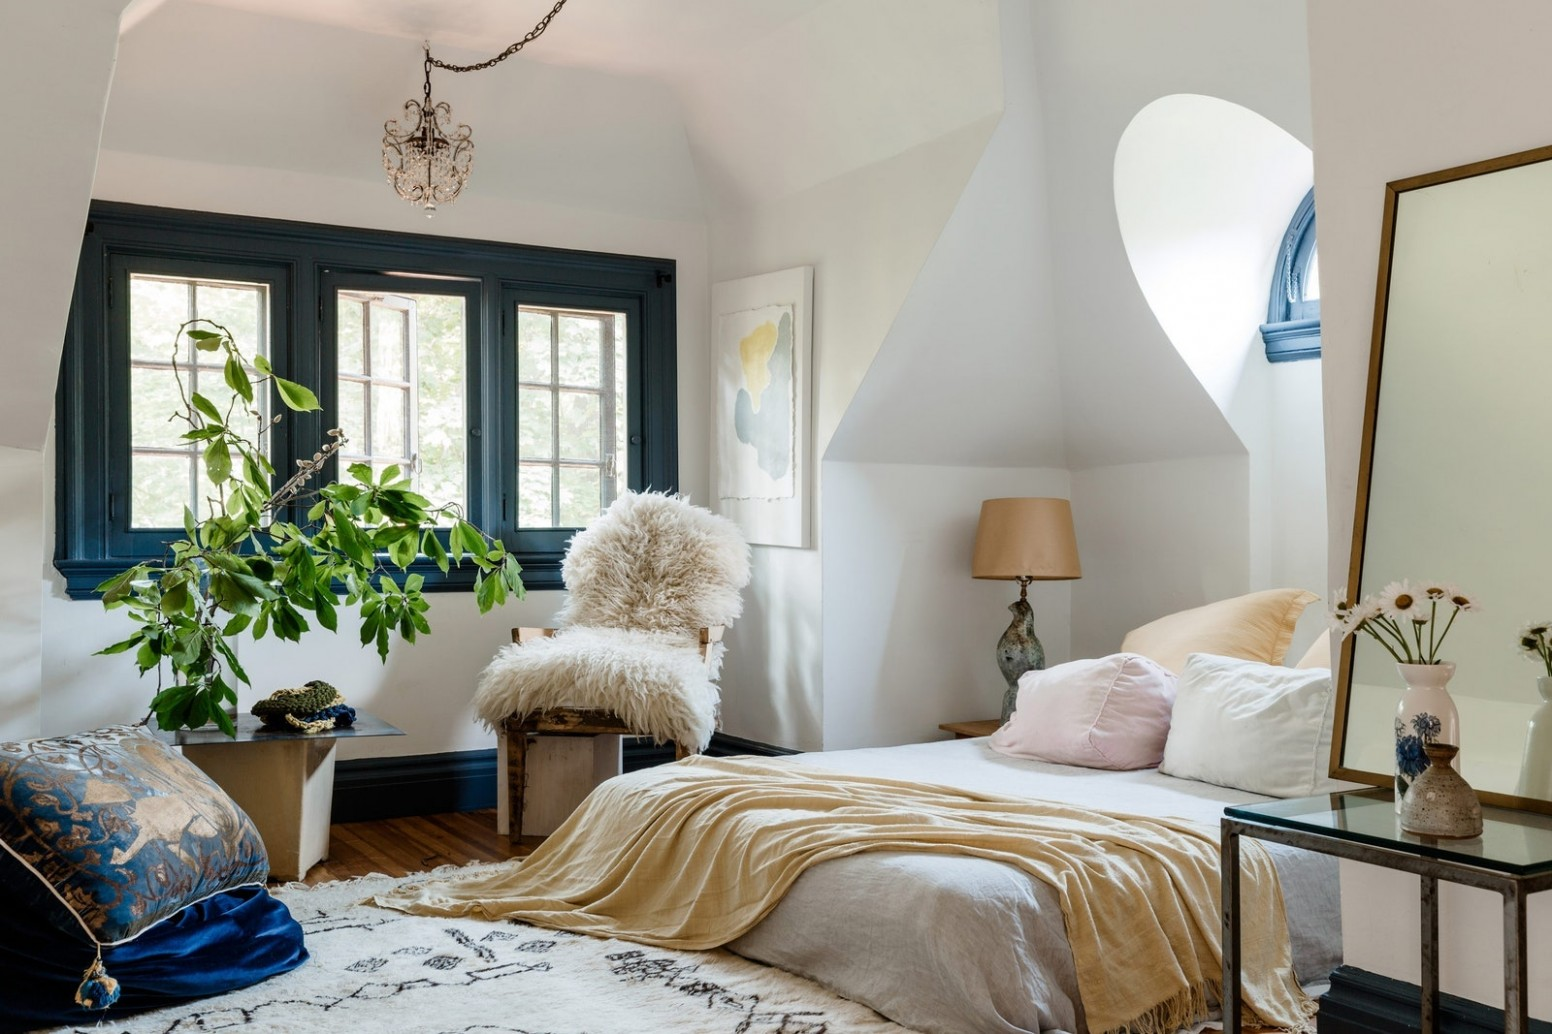 11 Cozy Bedroom Ideas  Architectural Digest - Bedroom Ideas No Windows